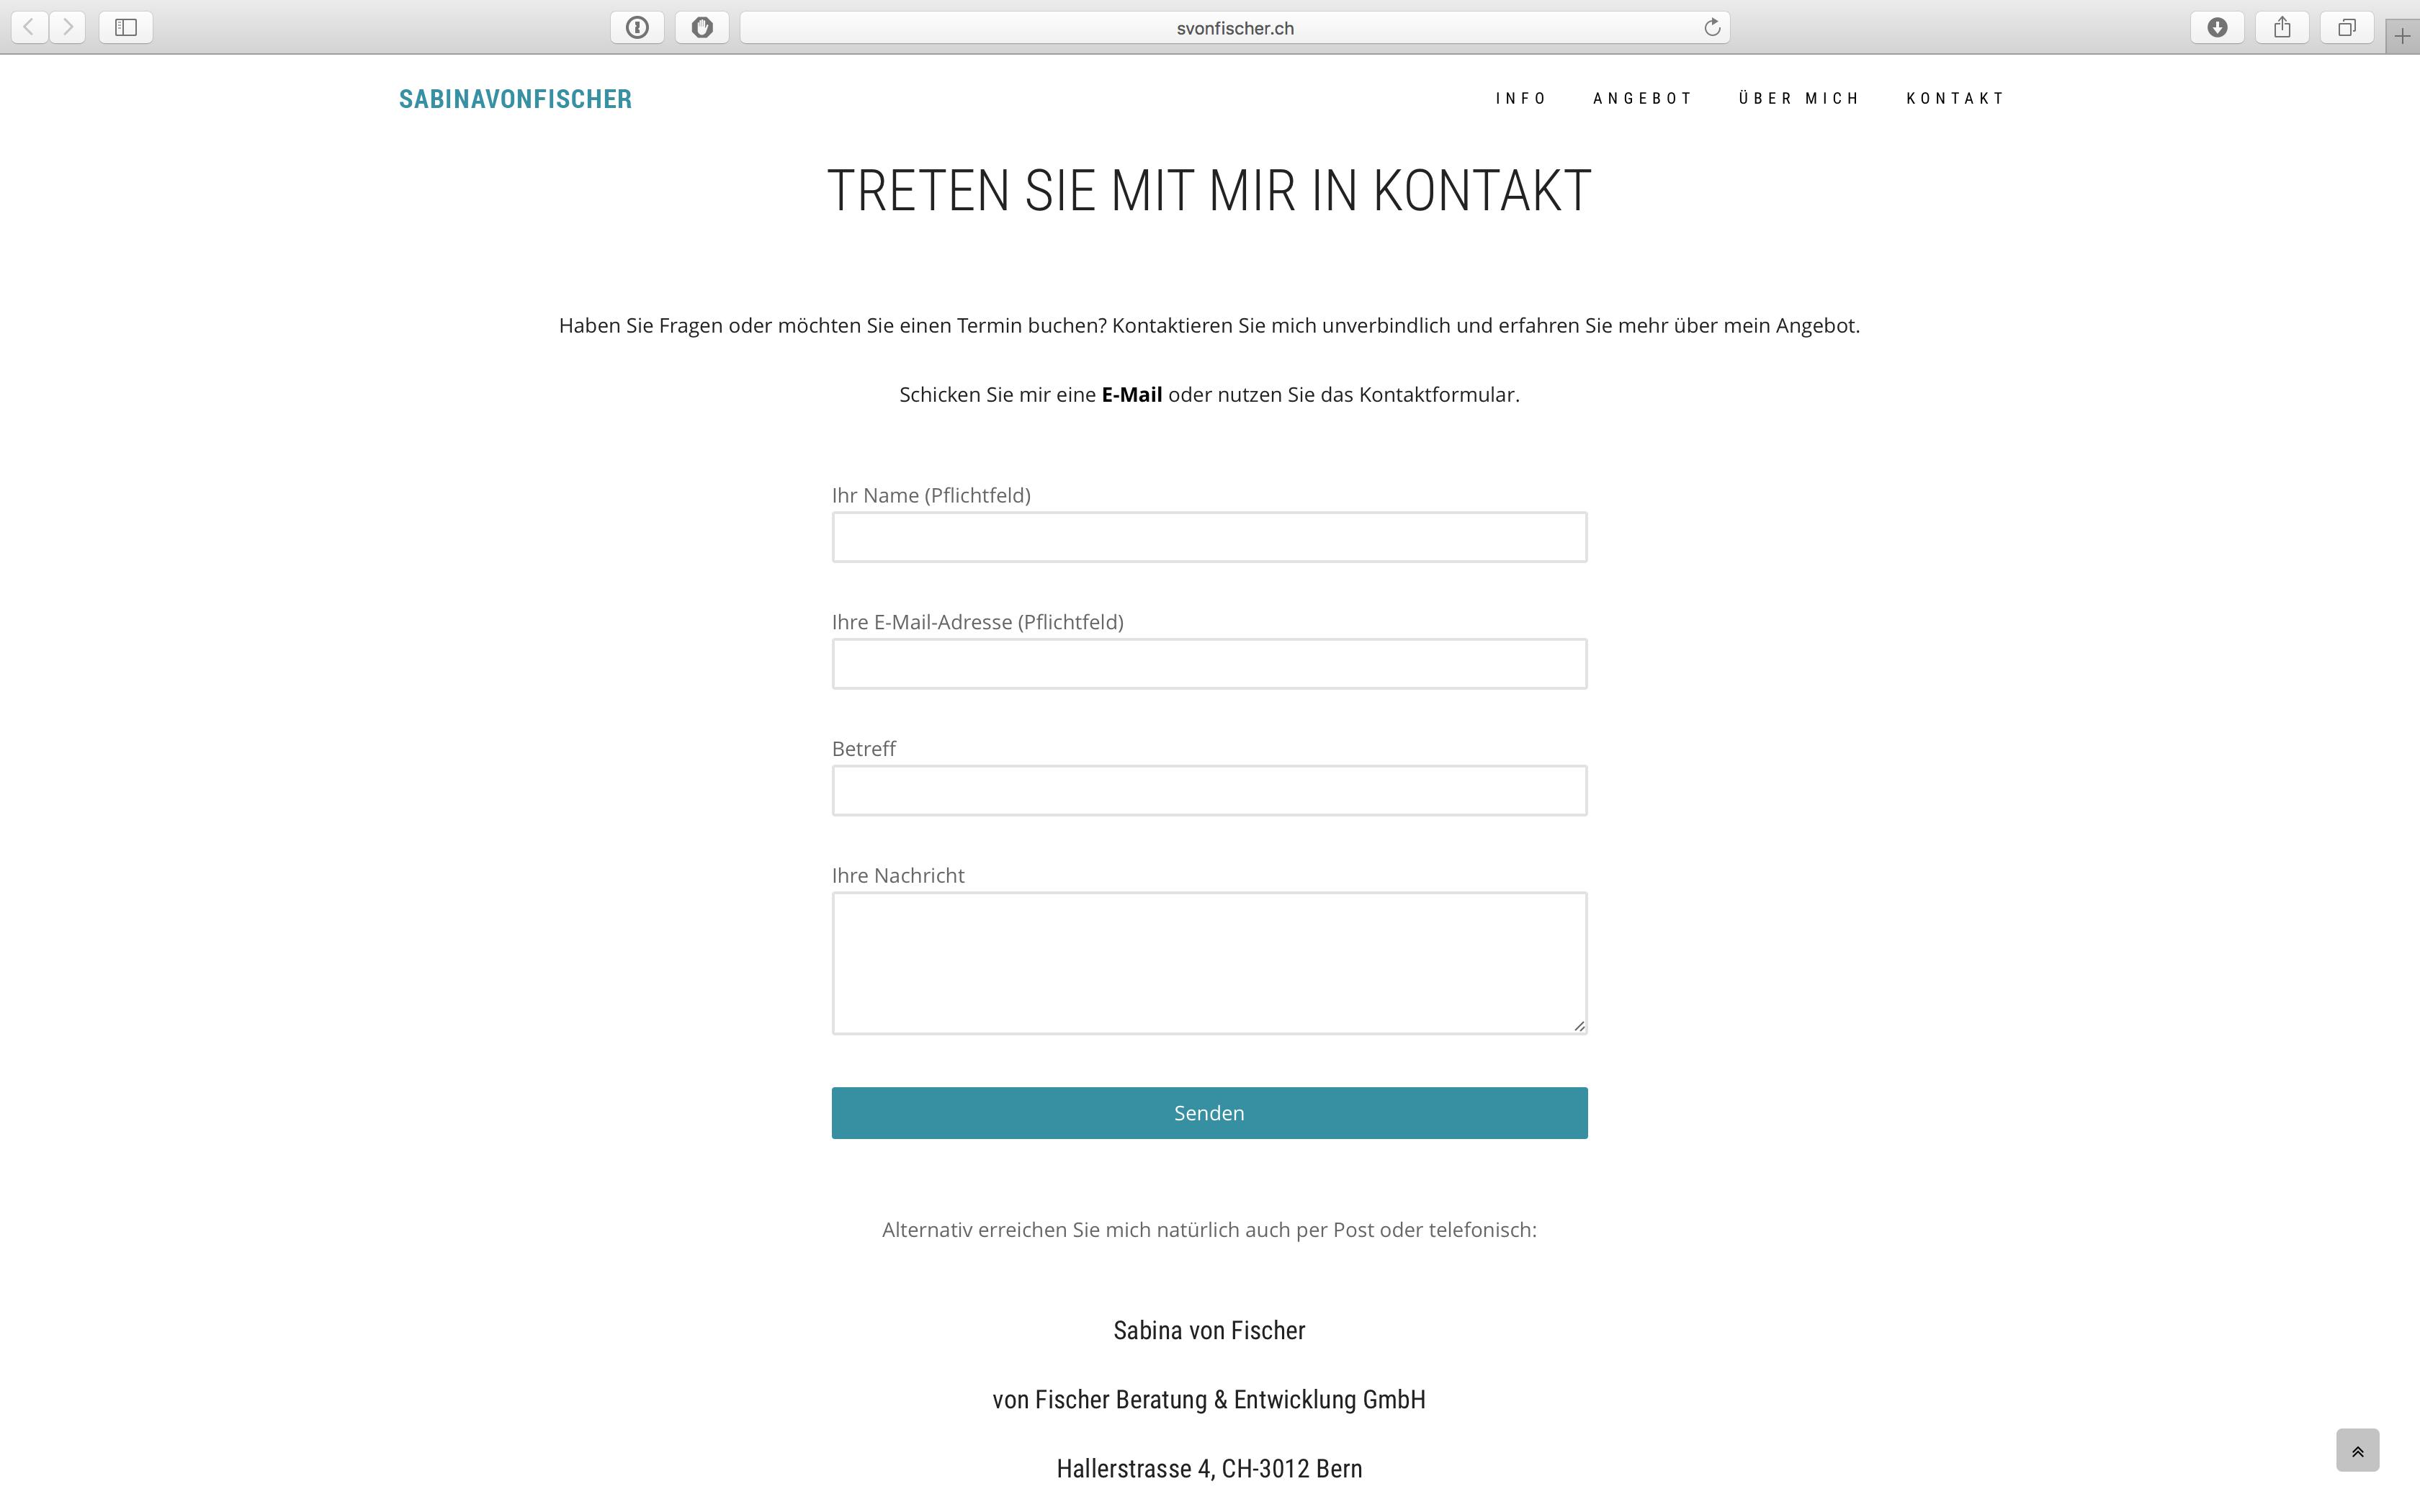 Website Sabina von Fischer